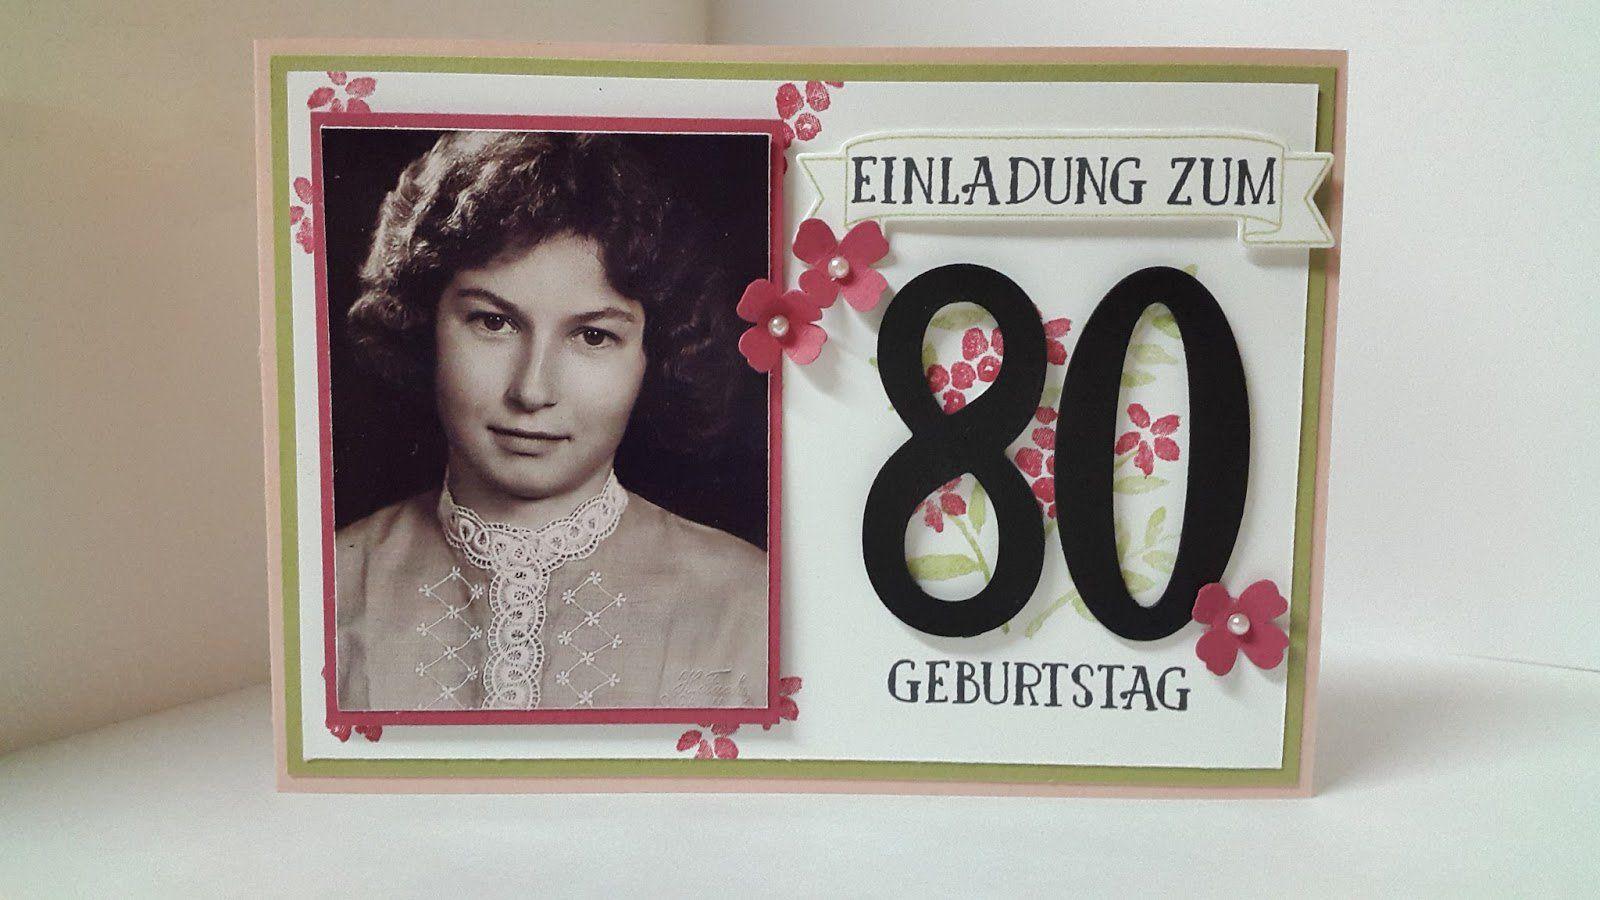 Einladungskarten 18 Geburtstag Selber Machen Karten: Einladung Geburtstag : Einladung 80 Geburtstag